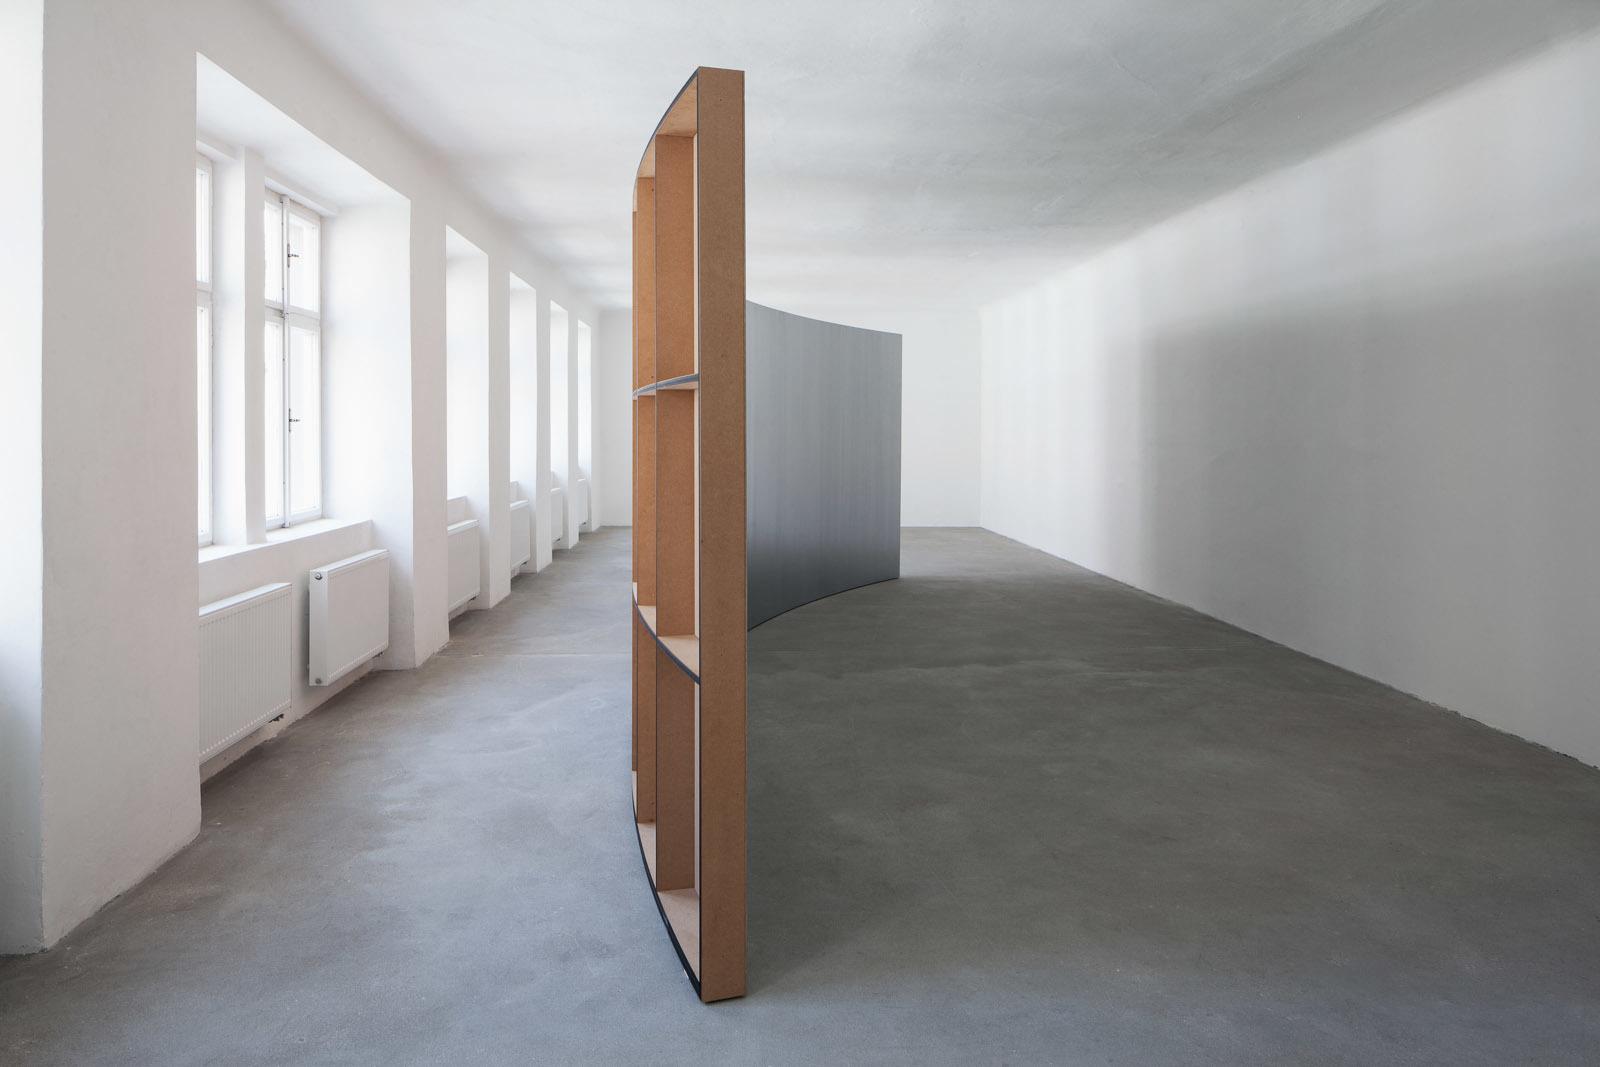 Michał Budny, Beztytułu (Powietrze), 2010, dzięki uprzejmości galerii Svit